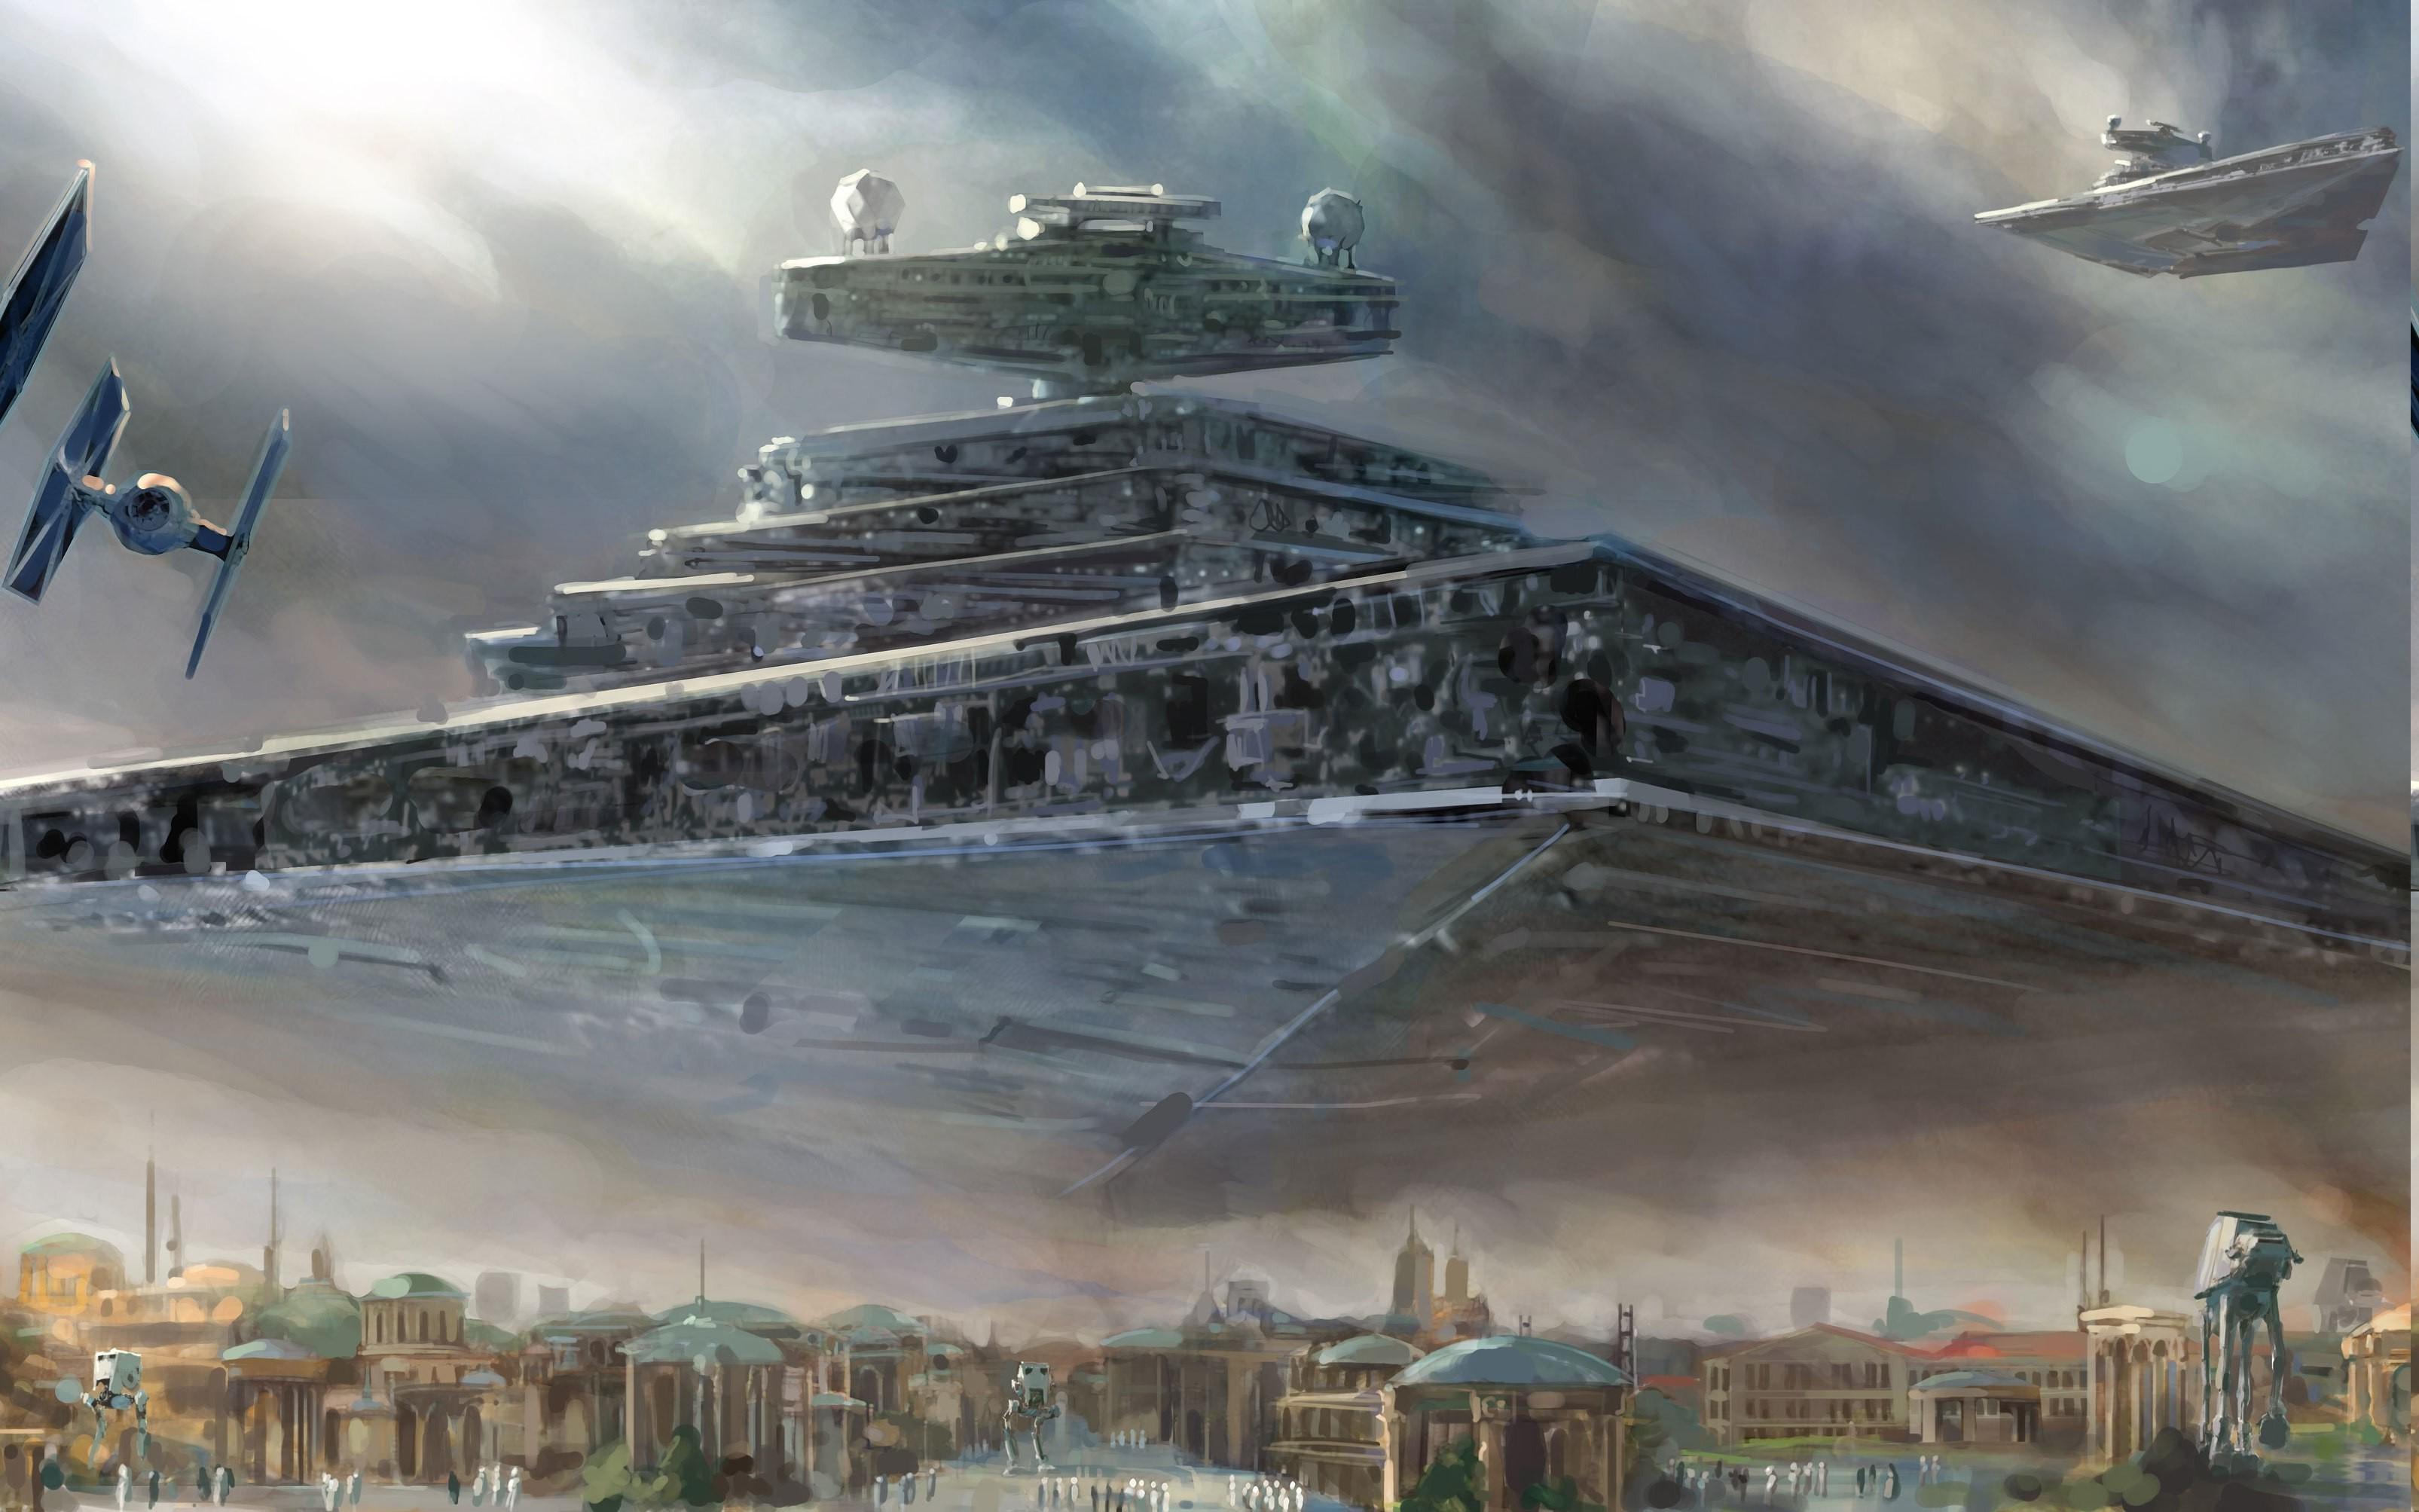 Star Wars, Star Destroyer, Spaceship, Tie Fighter, Painting wallpaper